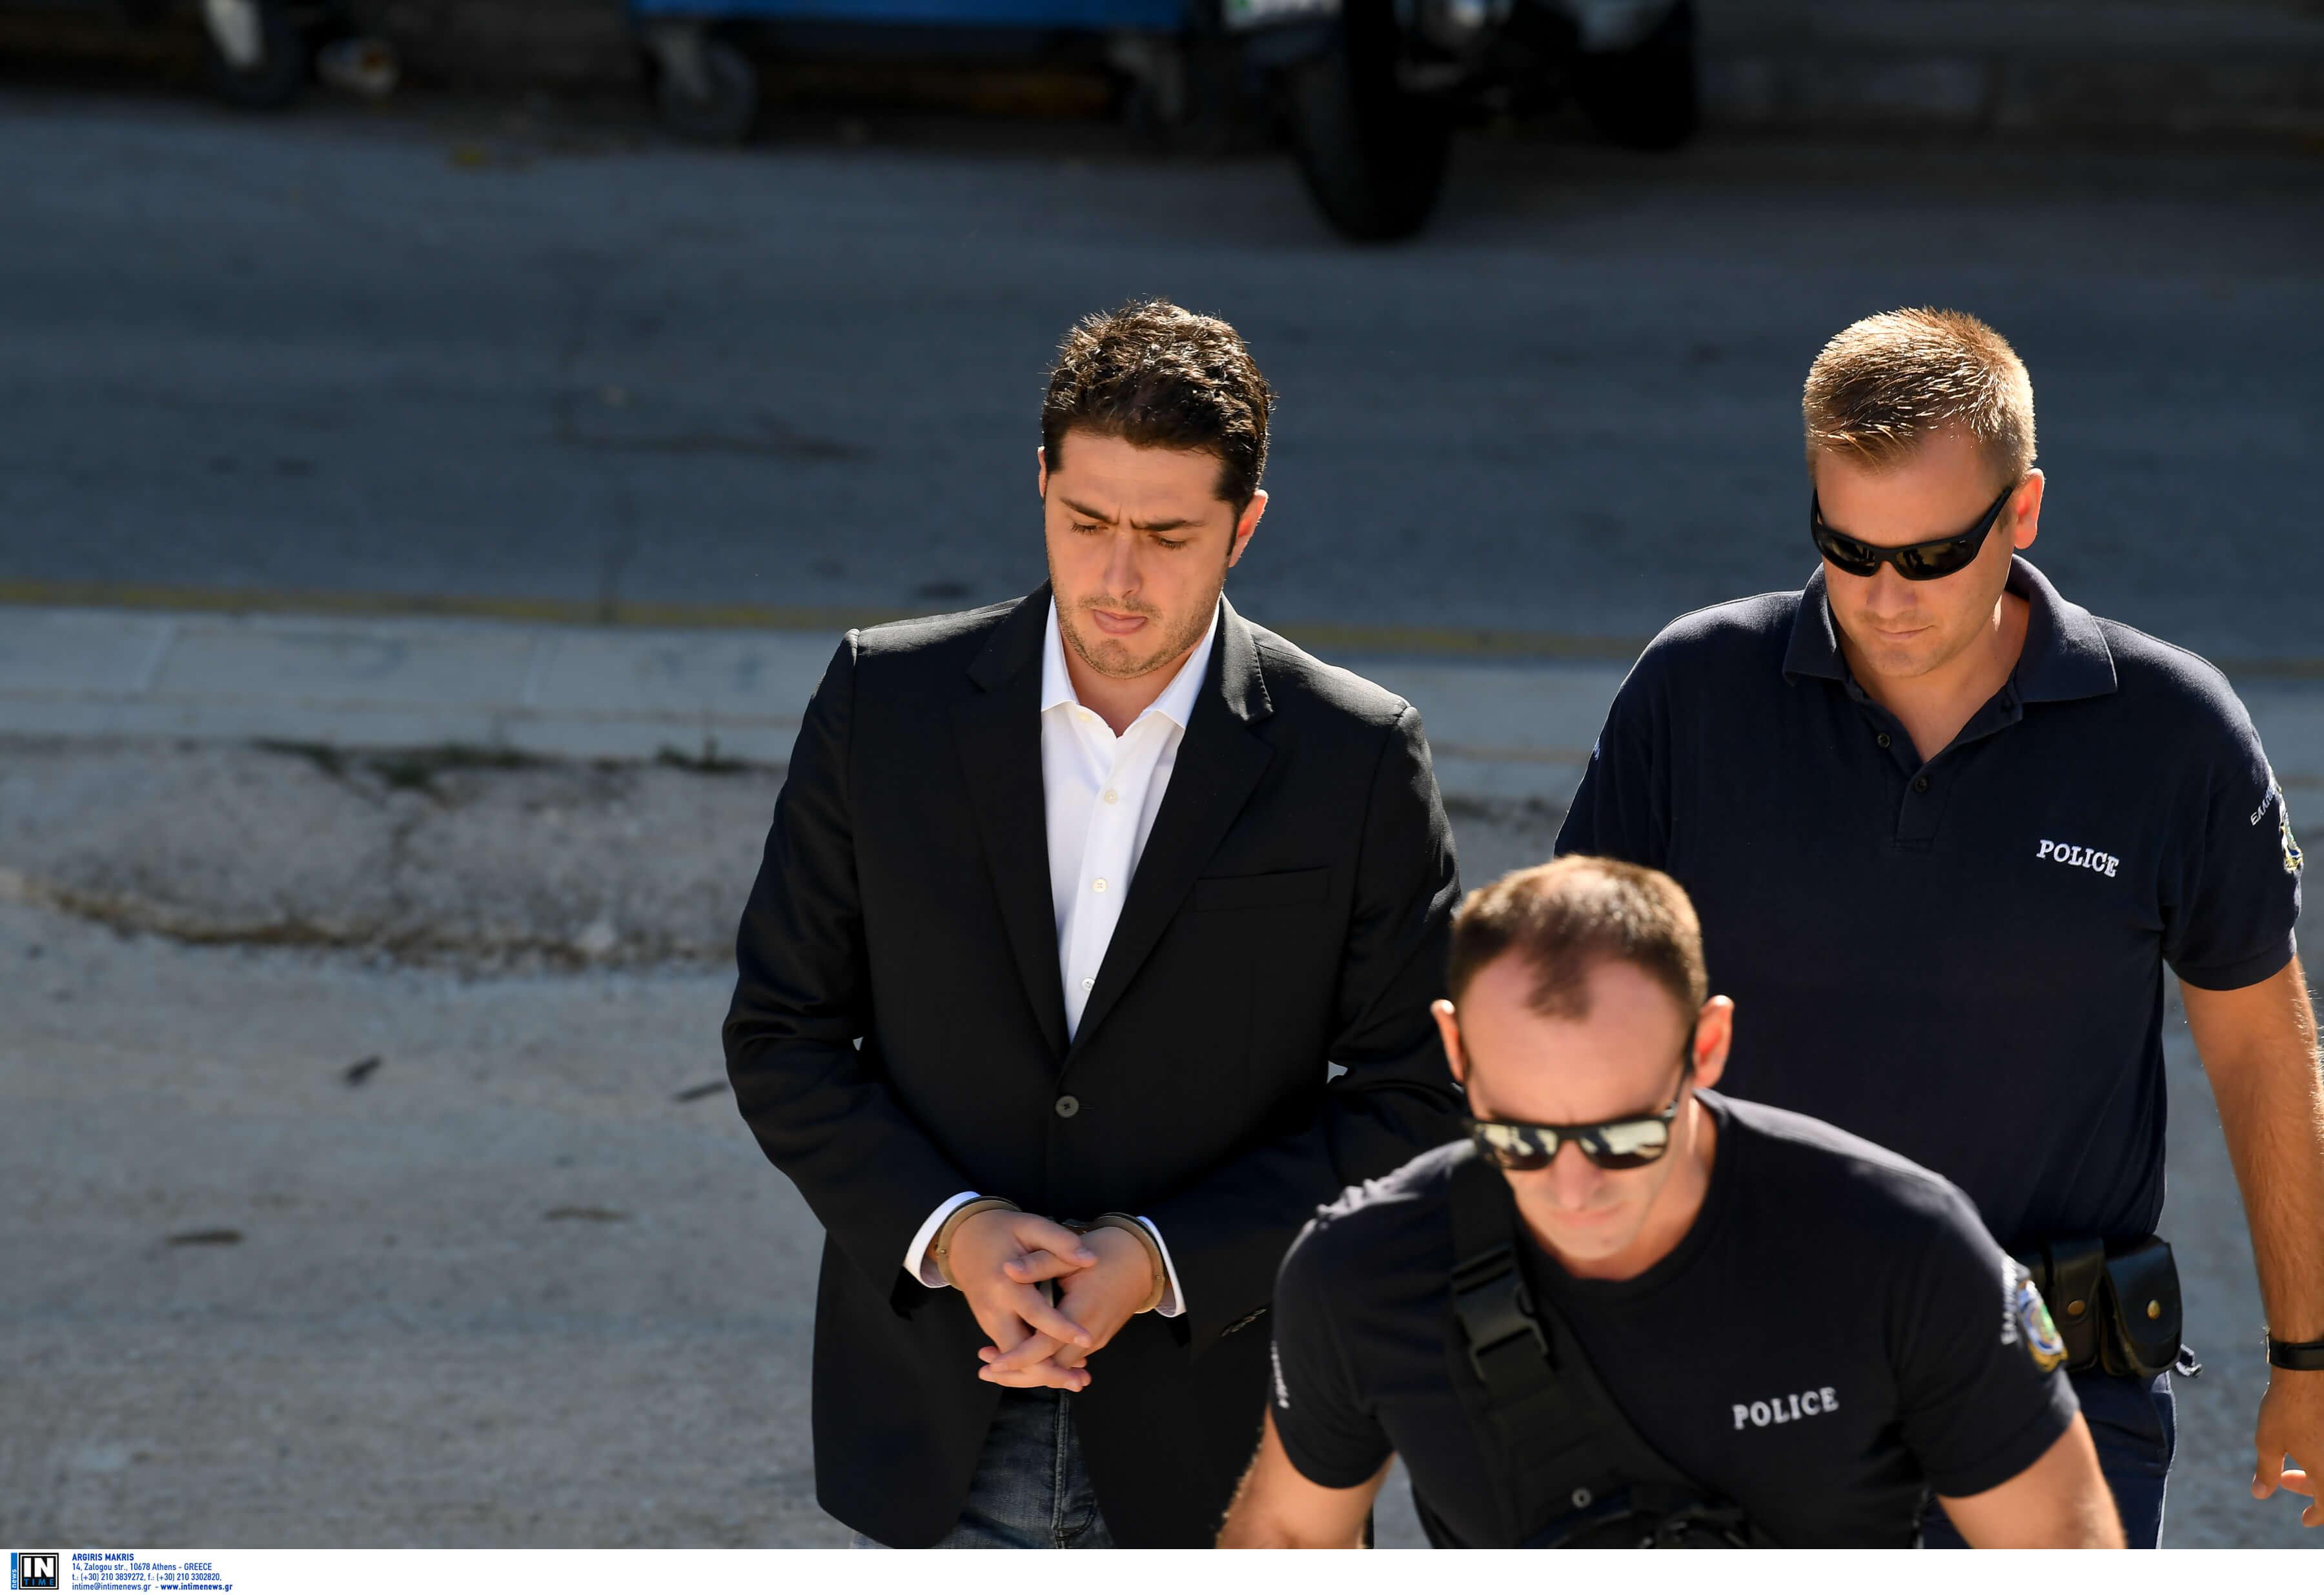 Εκβιασμούς και απειλές από δικηγόρους και κατηγορούμενους κατήγγειλε ο Φλώρος – Κατάθεση «φωτιά» στη δίκη για τη δολοφονία Ζαφειρόπουλου